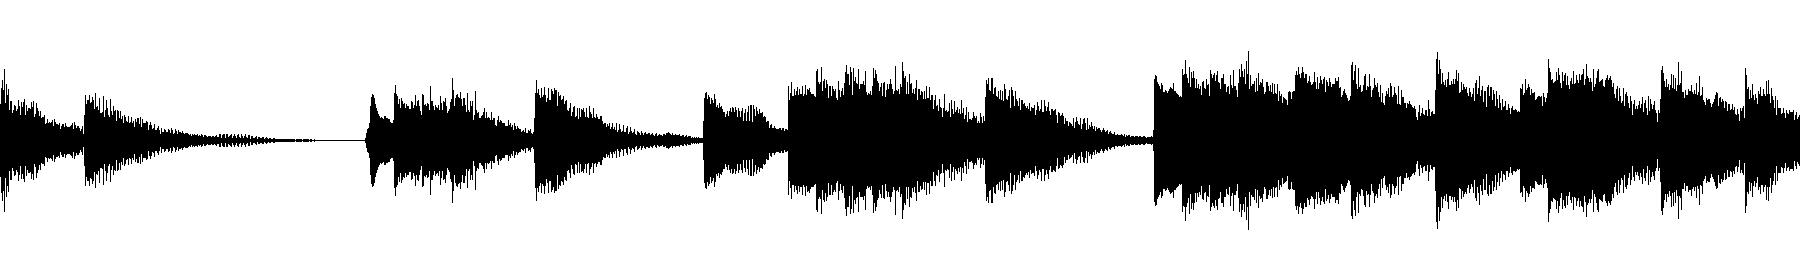 dts chordlp 23a cm dry